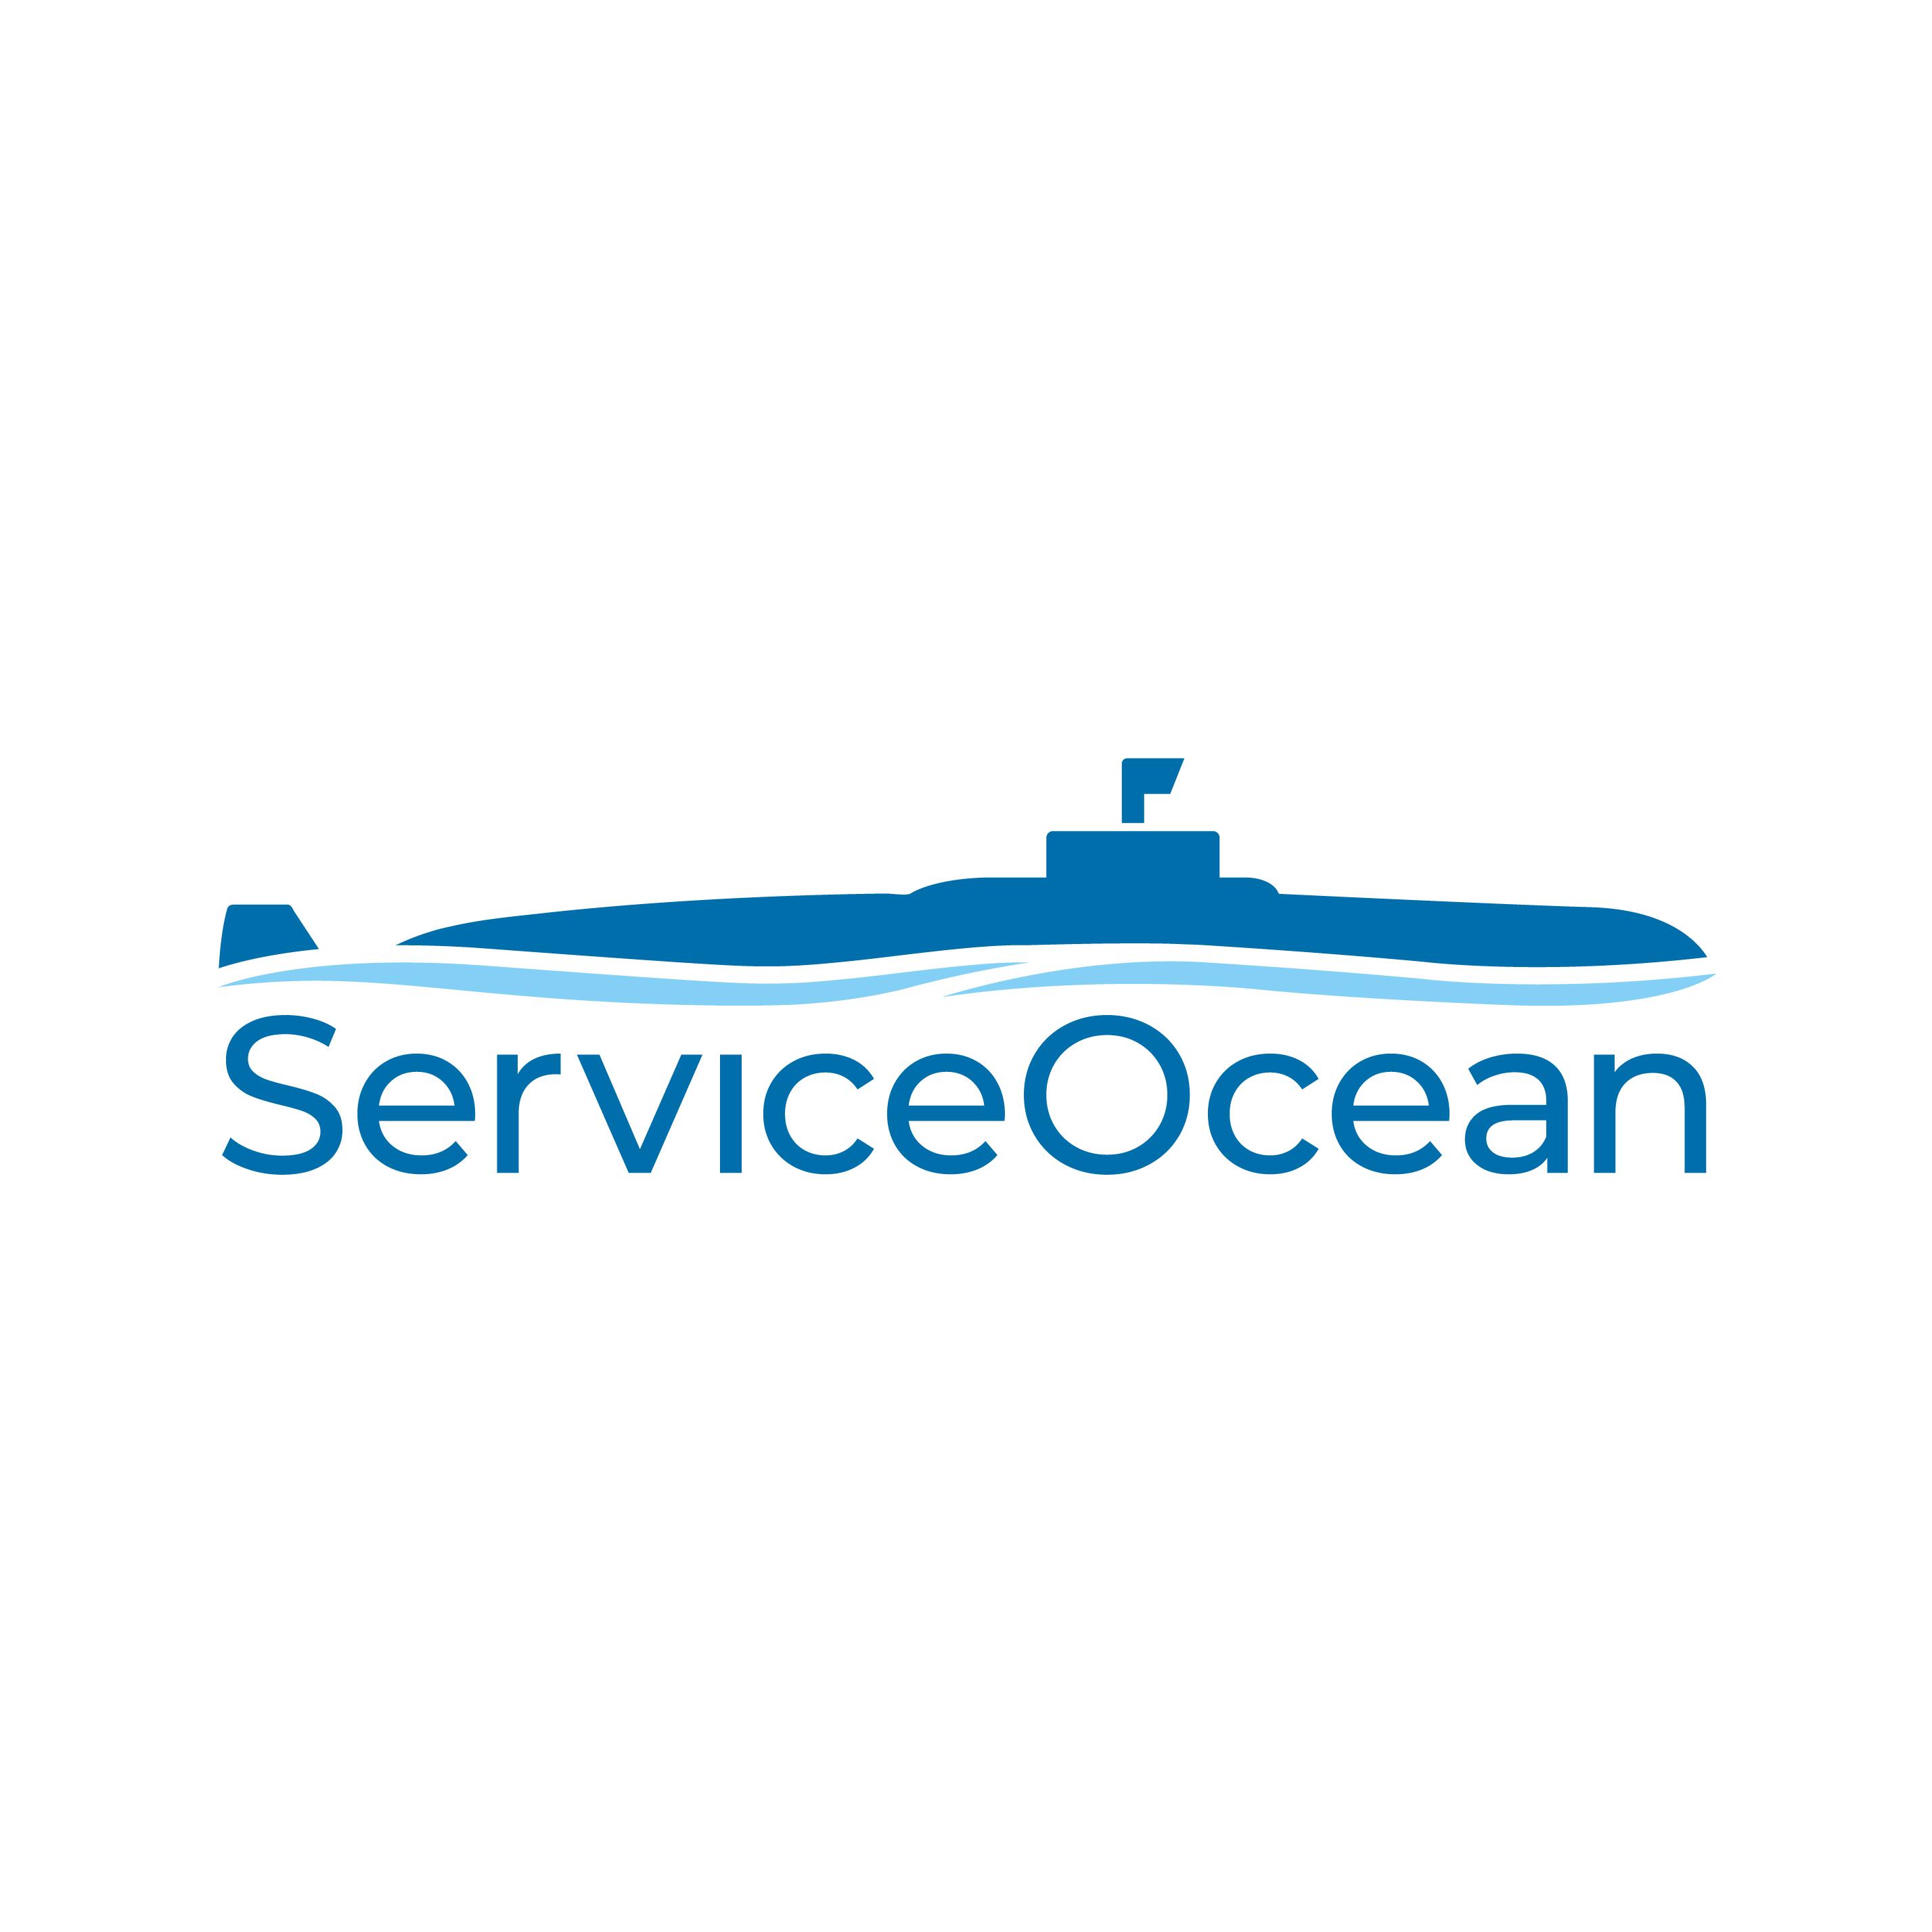 ServiceOcean_RGB.jpg